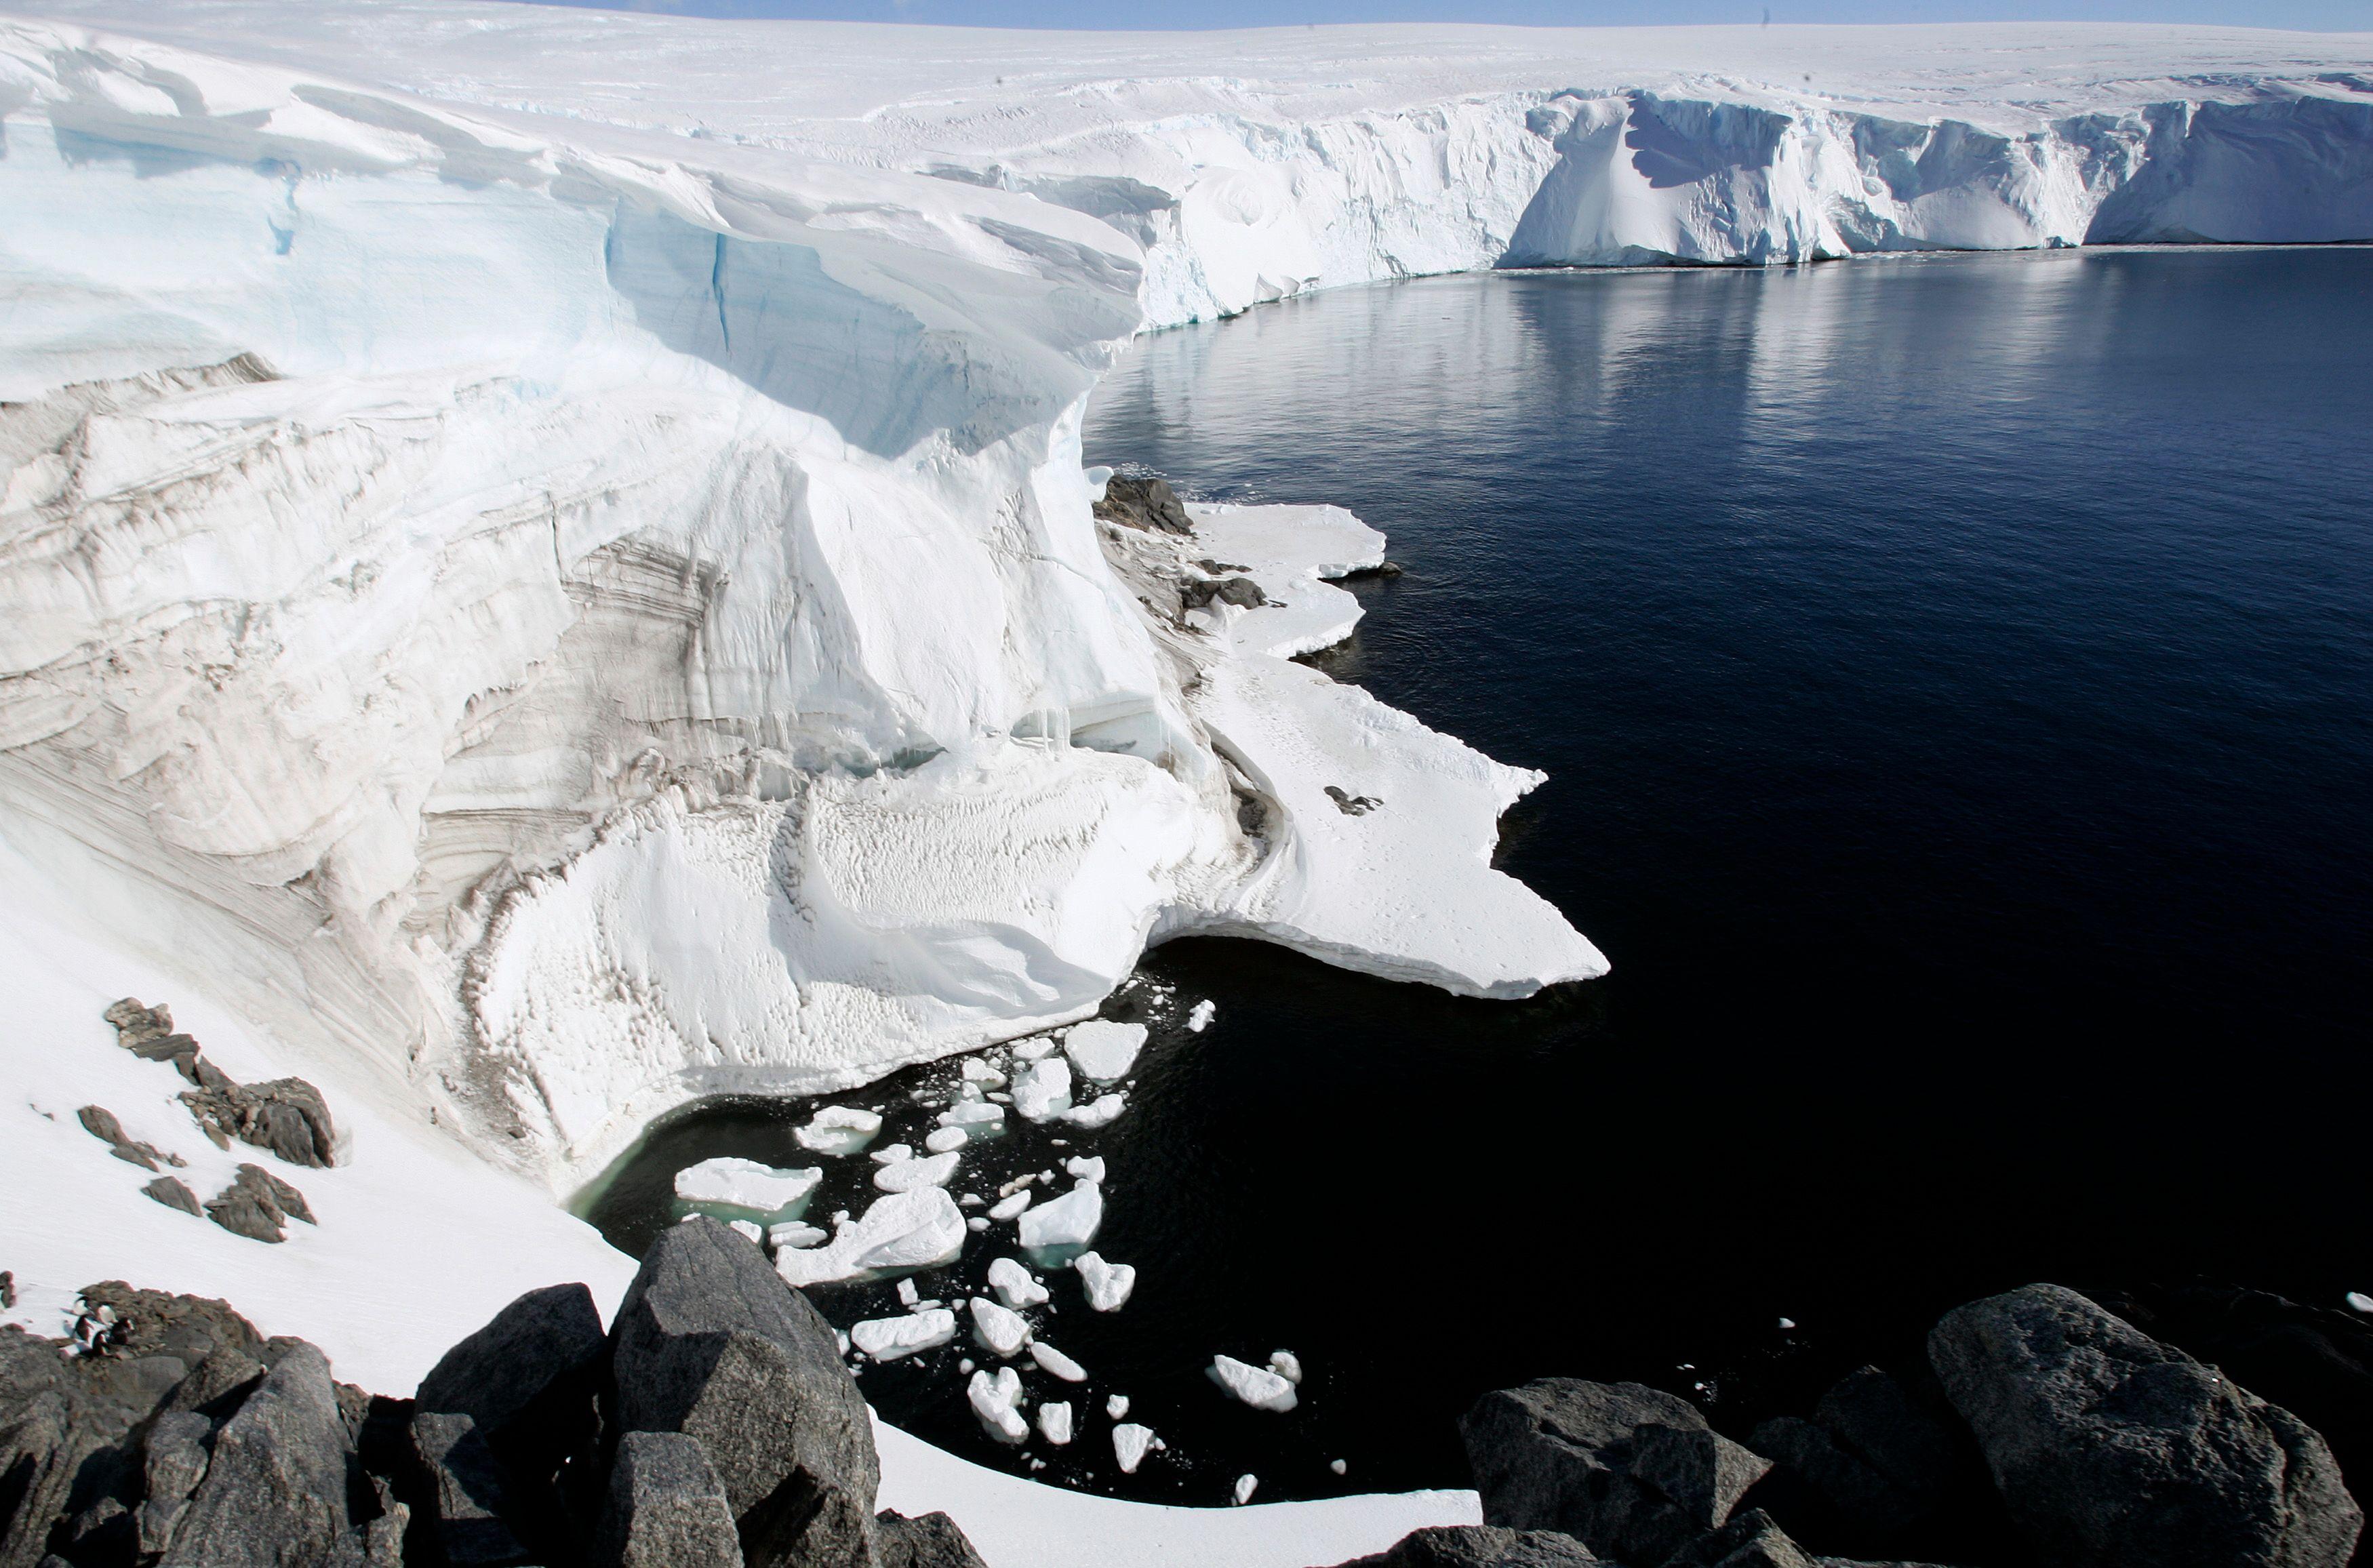 L'aventurière a traversé l'Antarctique a 10 km/h de moyenne.